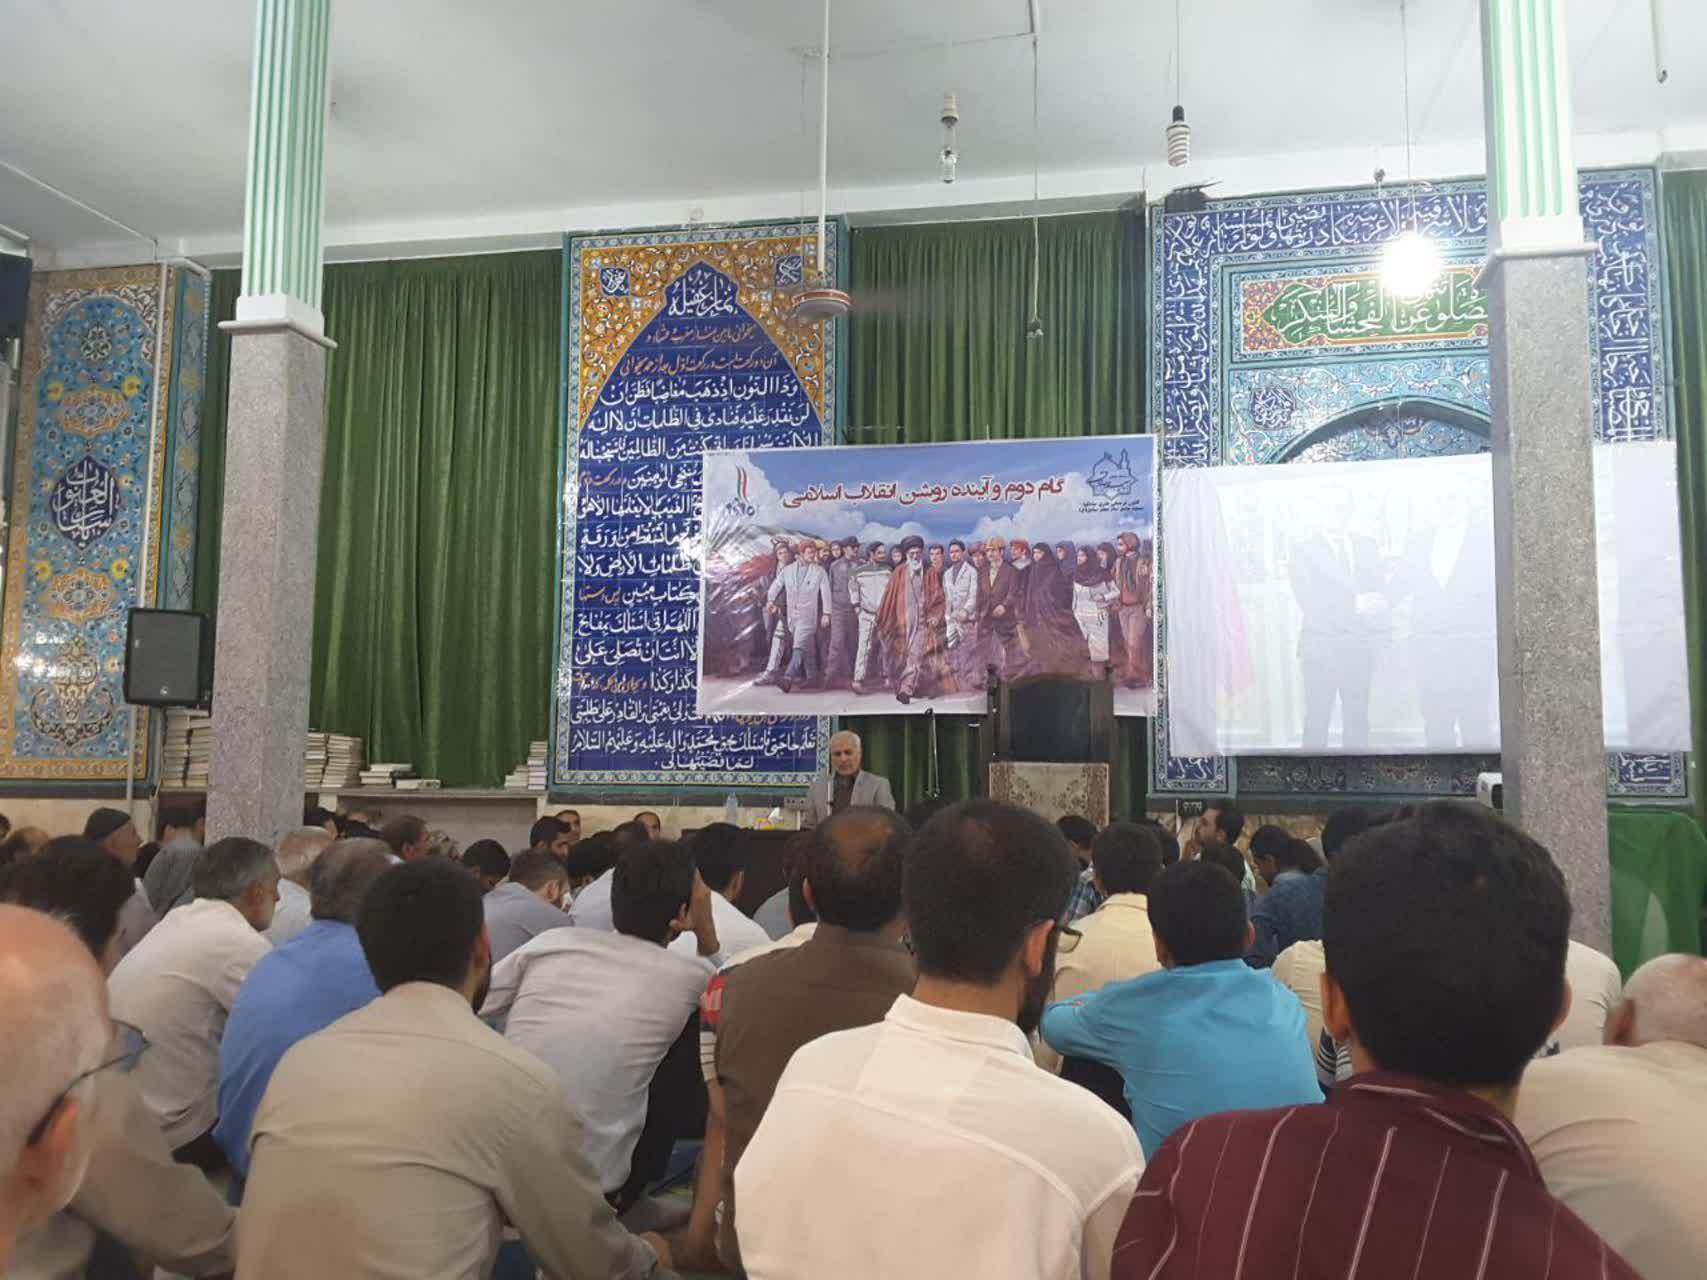 سخنرانی استاد حسن عباسی در ملارد - گام دوم و آینده روشن انقلاب اسلامی